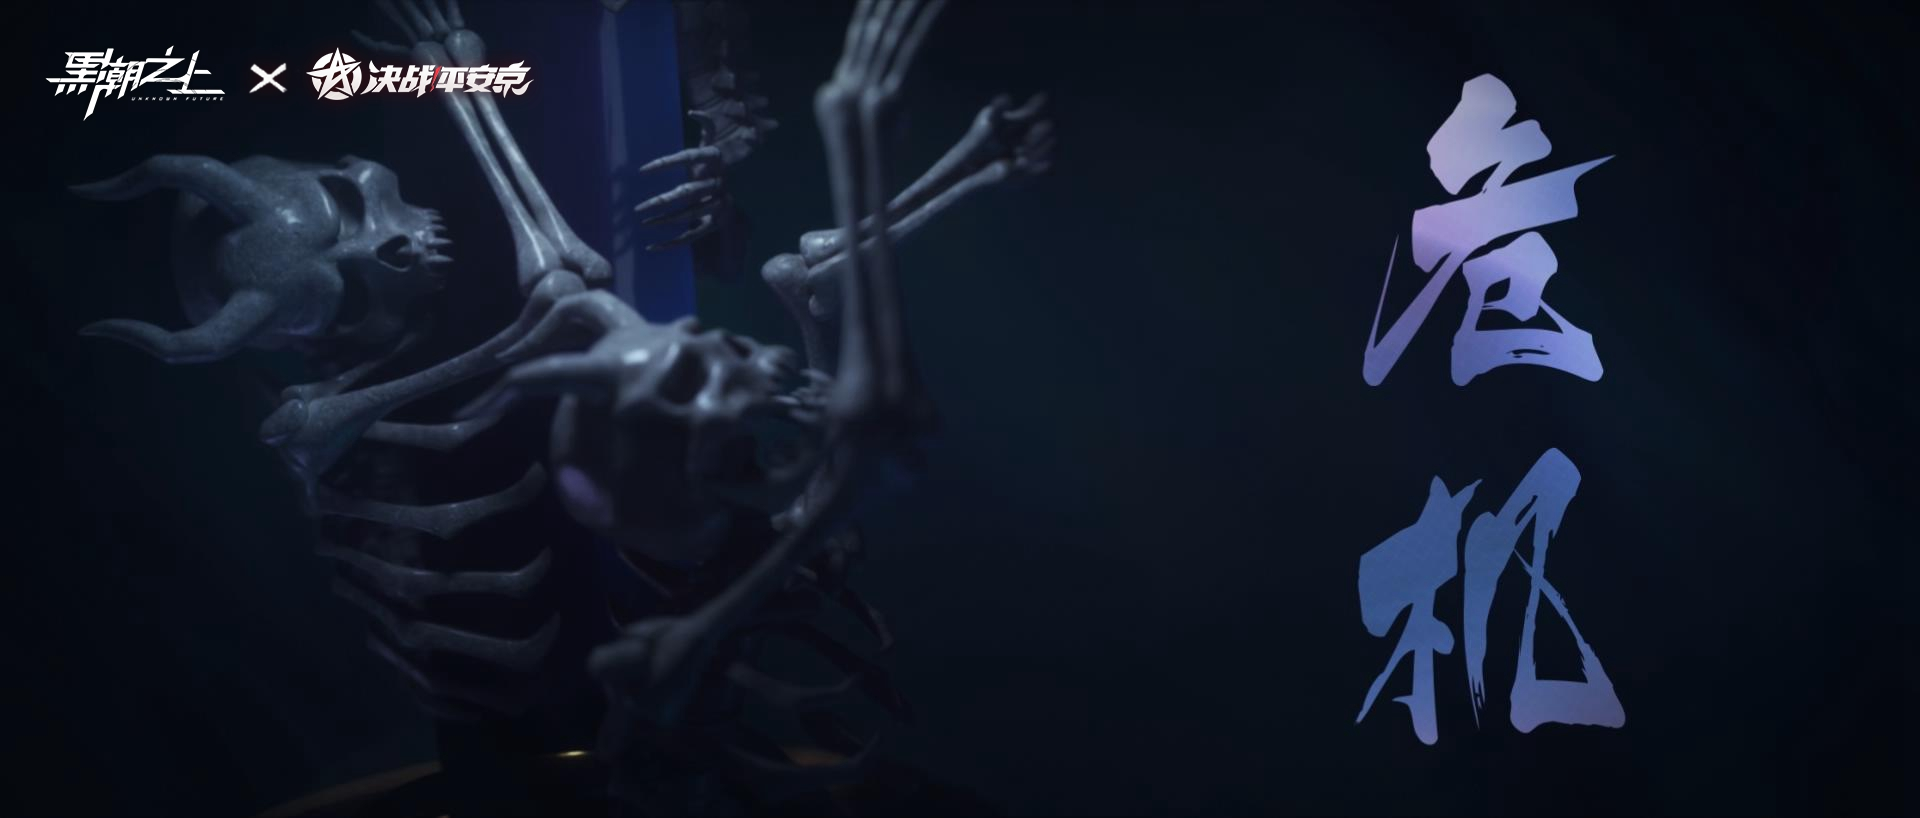 《黑潮之上》X《决战!平安京》联动决定!3月9日御灵现世